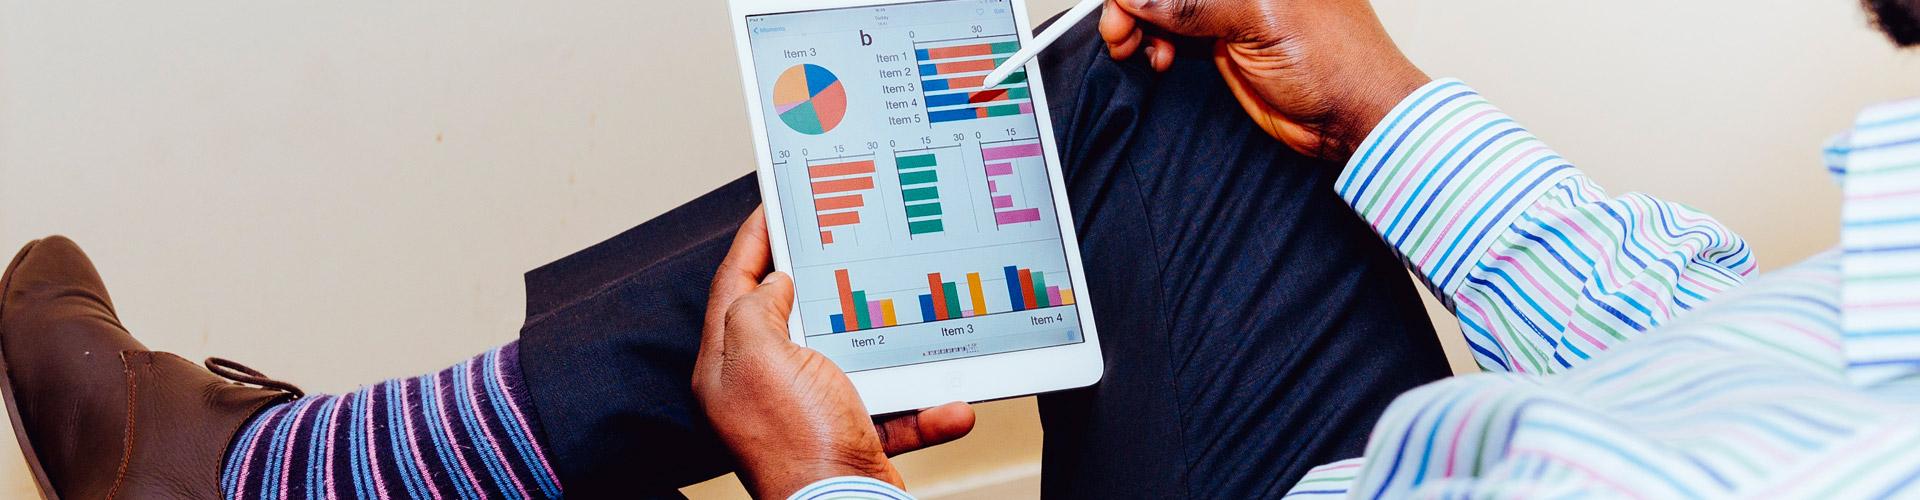 Sai leggere il bilancio della tua azienda?